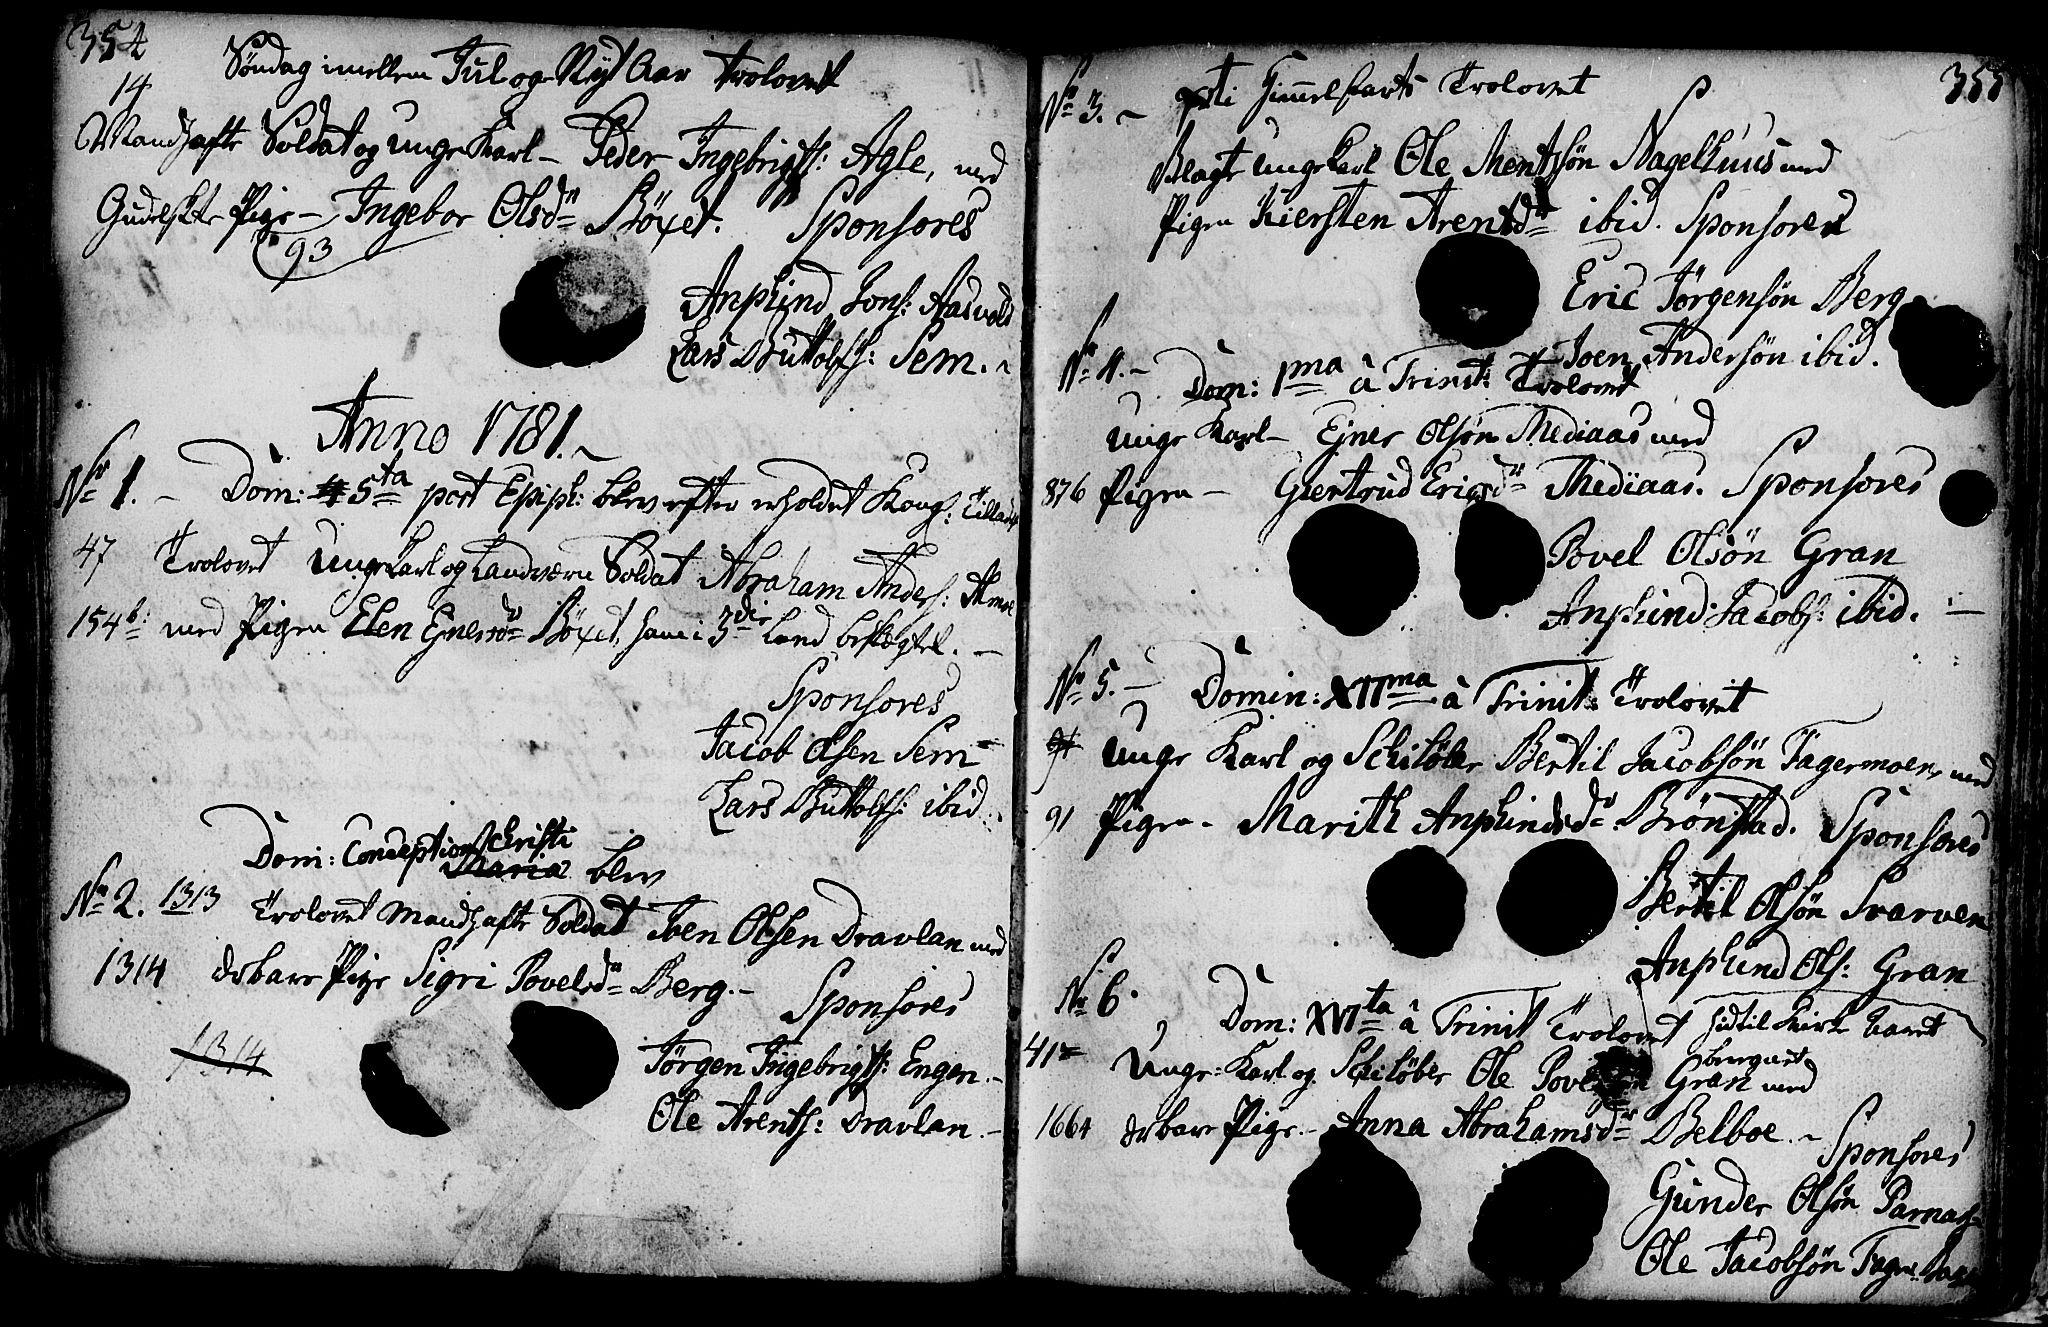 SAT, Ministerialprotokoller, klokkerbøker og fødselsregistre - Nord-Trøndelag, 749/L0467: Ministerialbok nr. 749A01, 1733-1787, s. 354-355